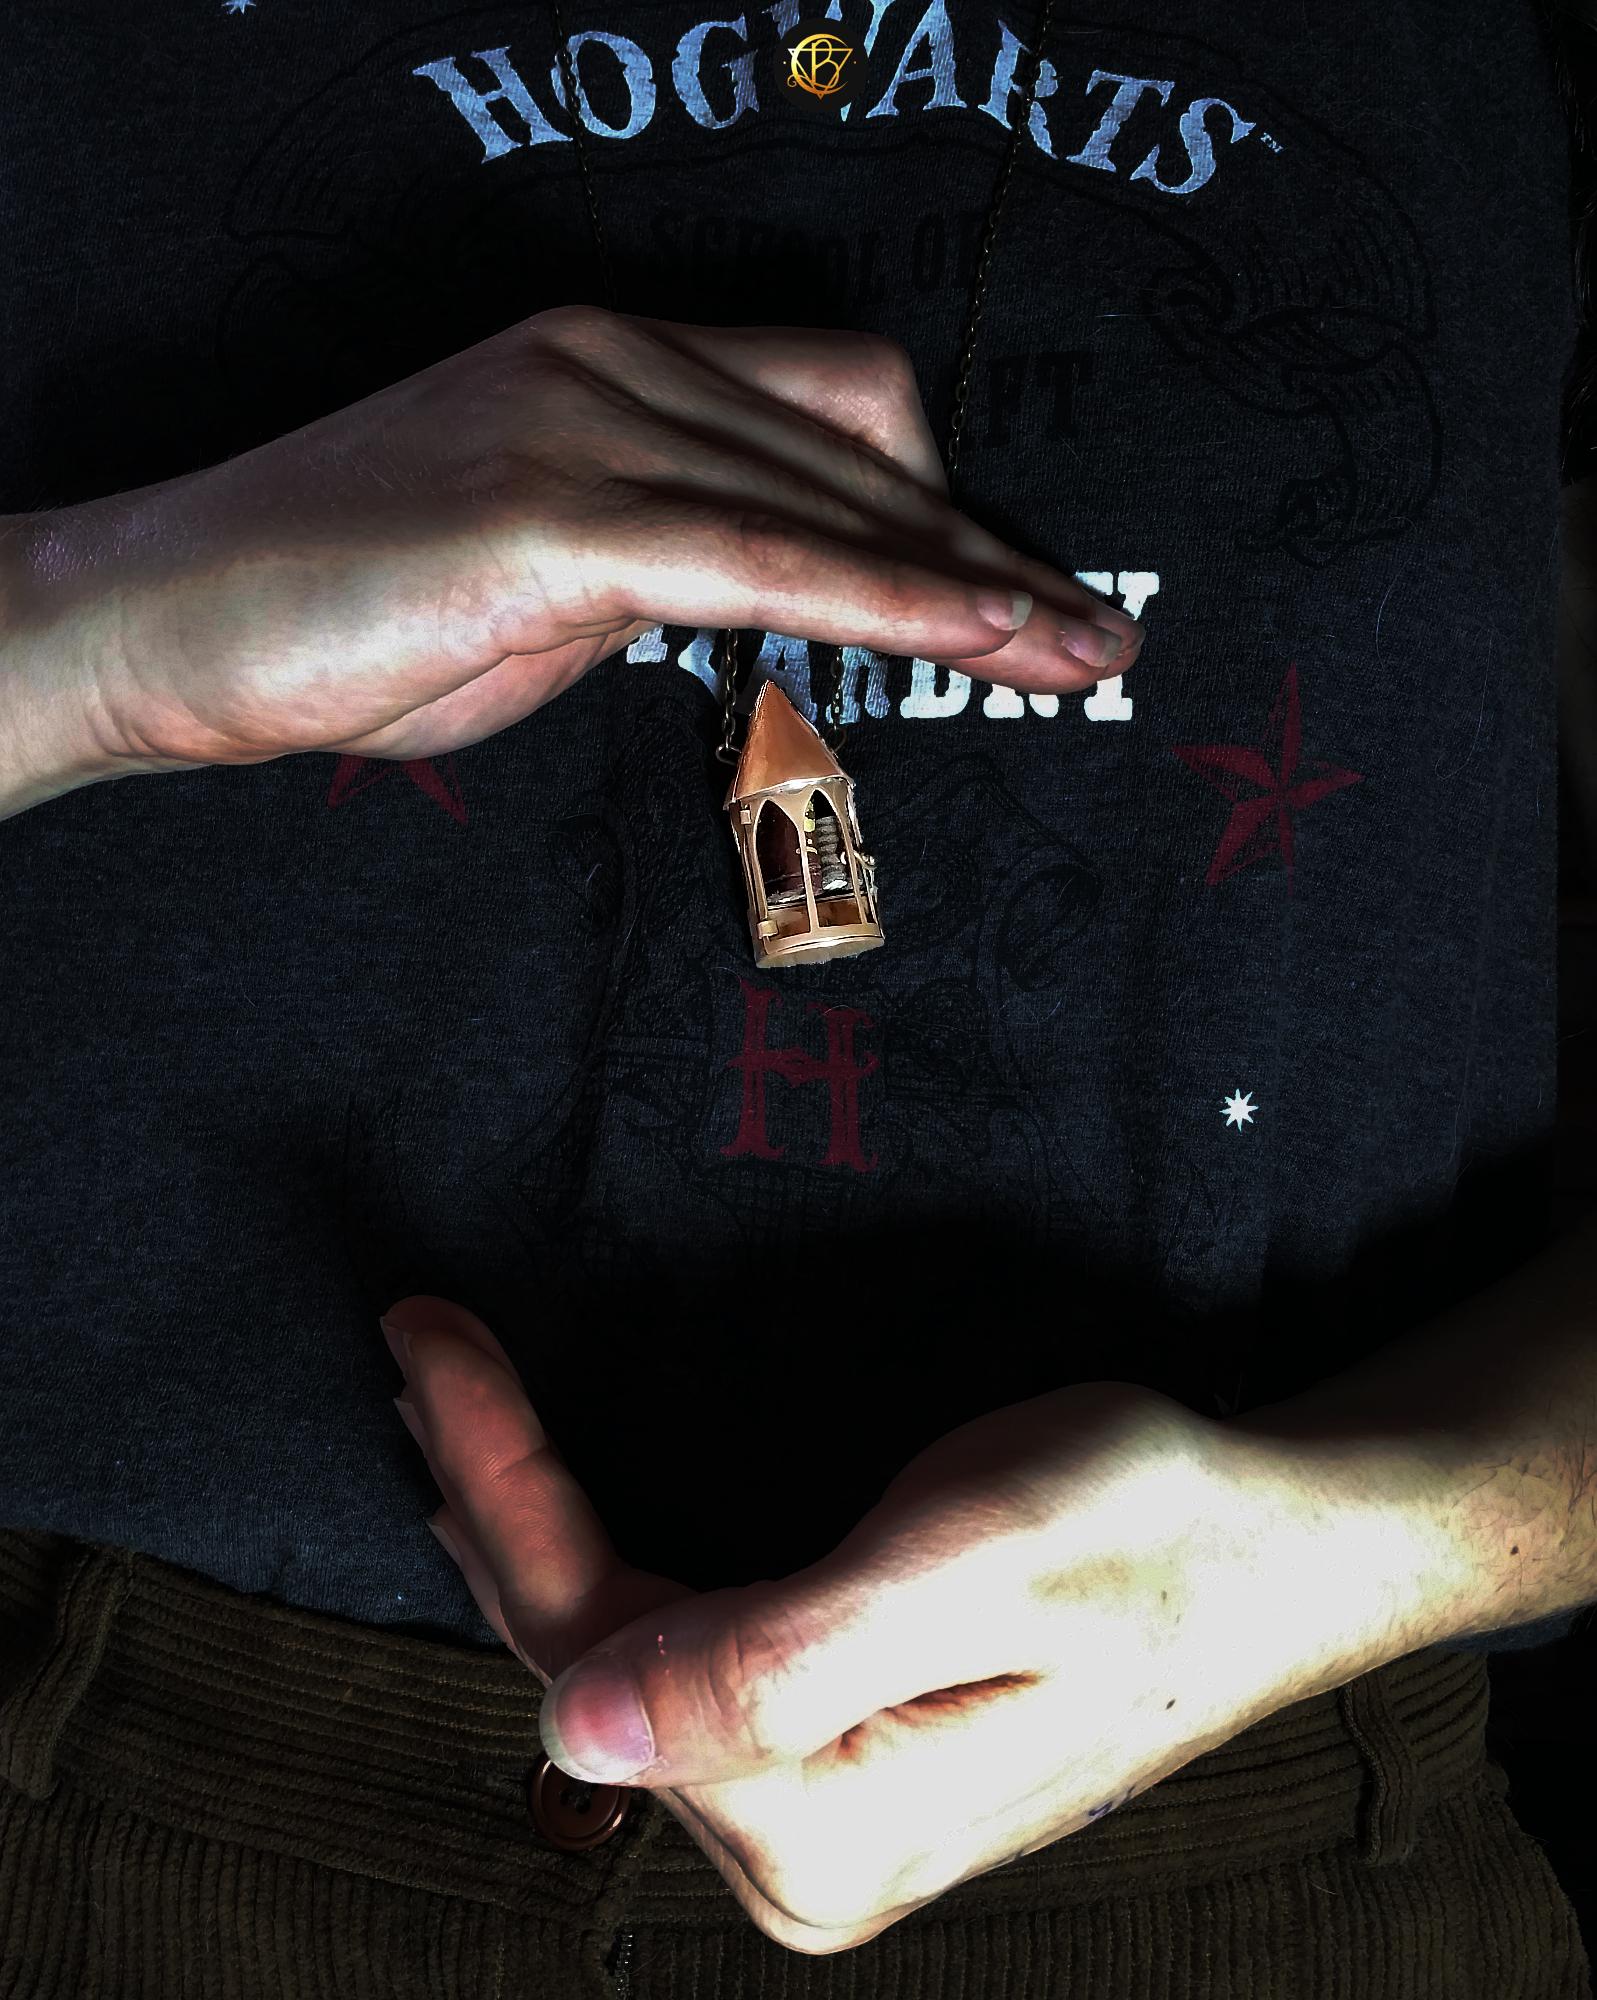 locket boîte secret box goth gothic wicca witchy poudlard hogwarts bestiaire curiosa harry potter newt scamander hermione animaux fantastiques fantastic beasts occult mystic mysterious albus dumbledore caput draconis bijou d'auteur bijou d'art cottage core cottagecore witch labradorite crystal tarot esoterisme white magic magie blanche altar autel